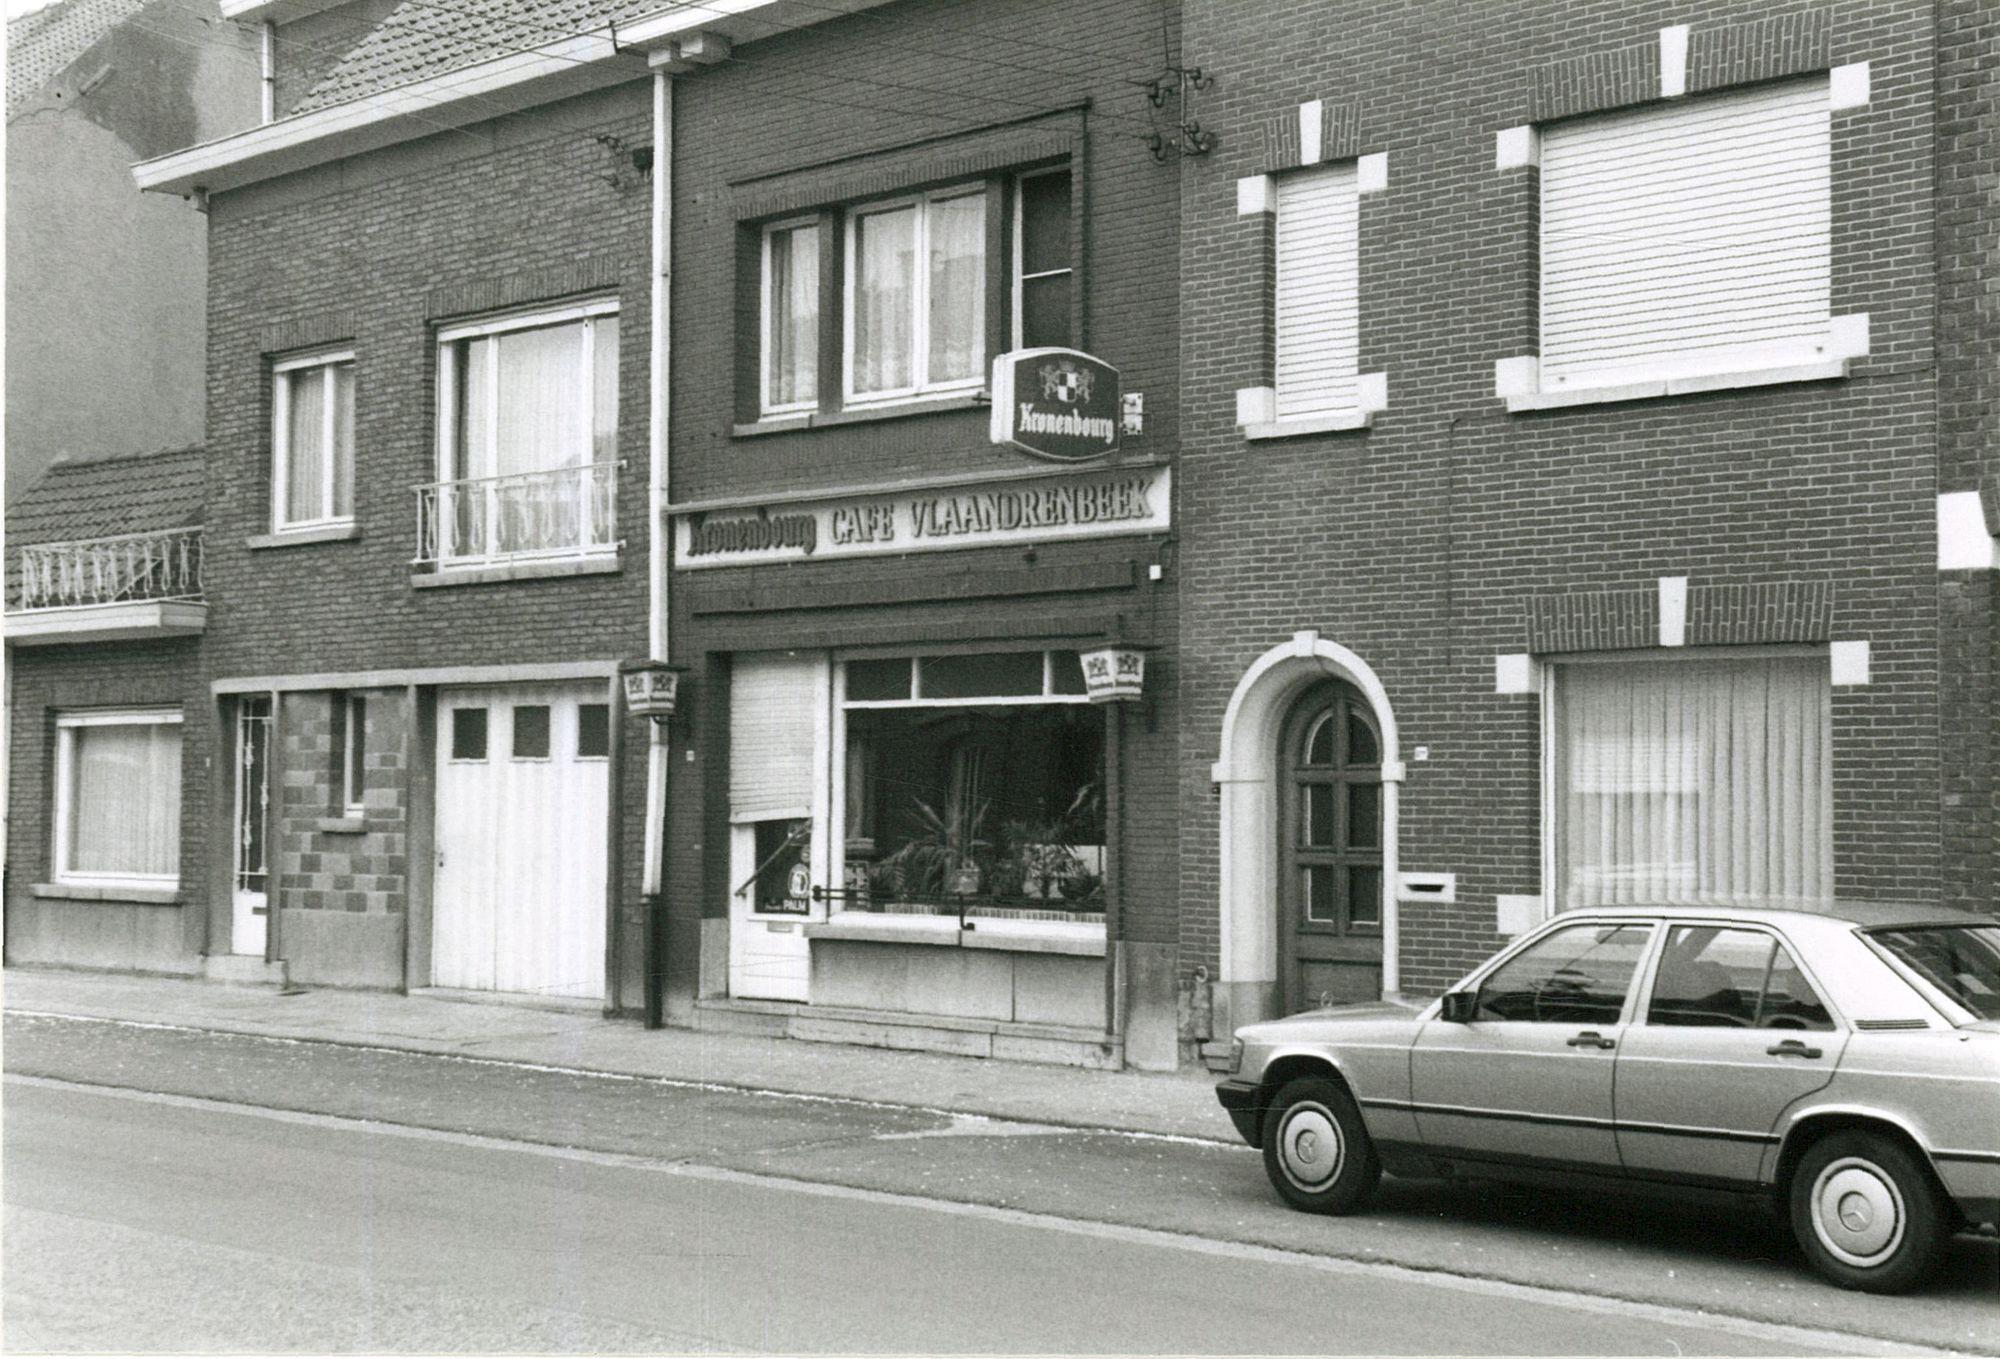 Café Vlaanderenbeek